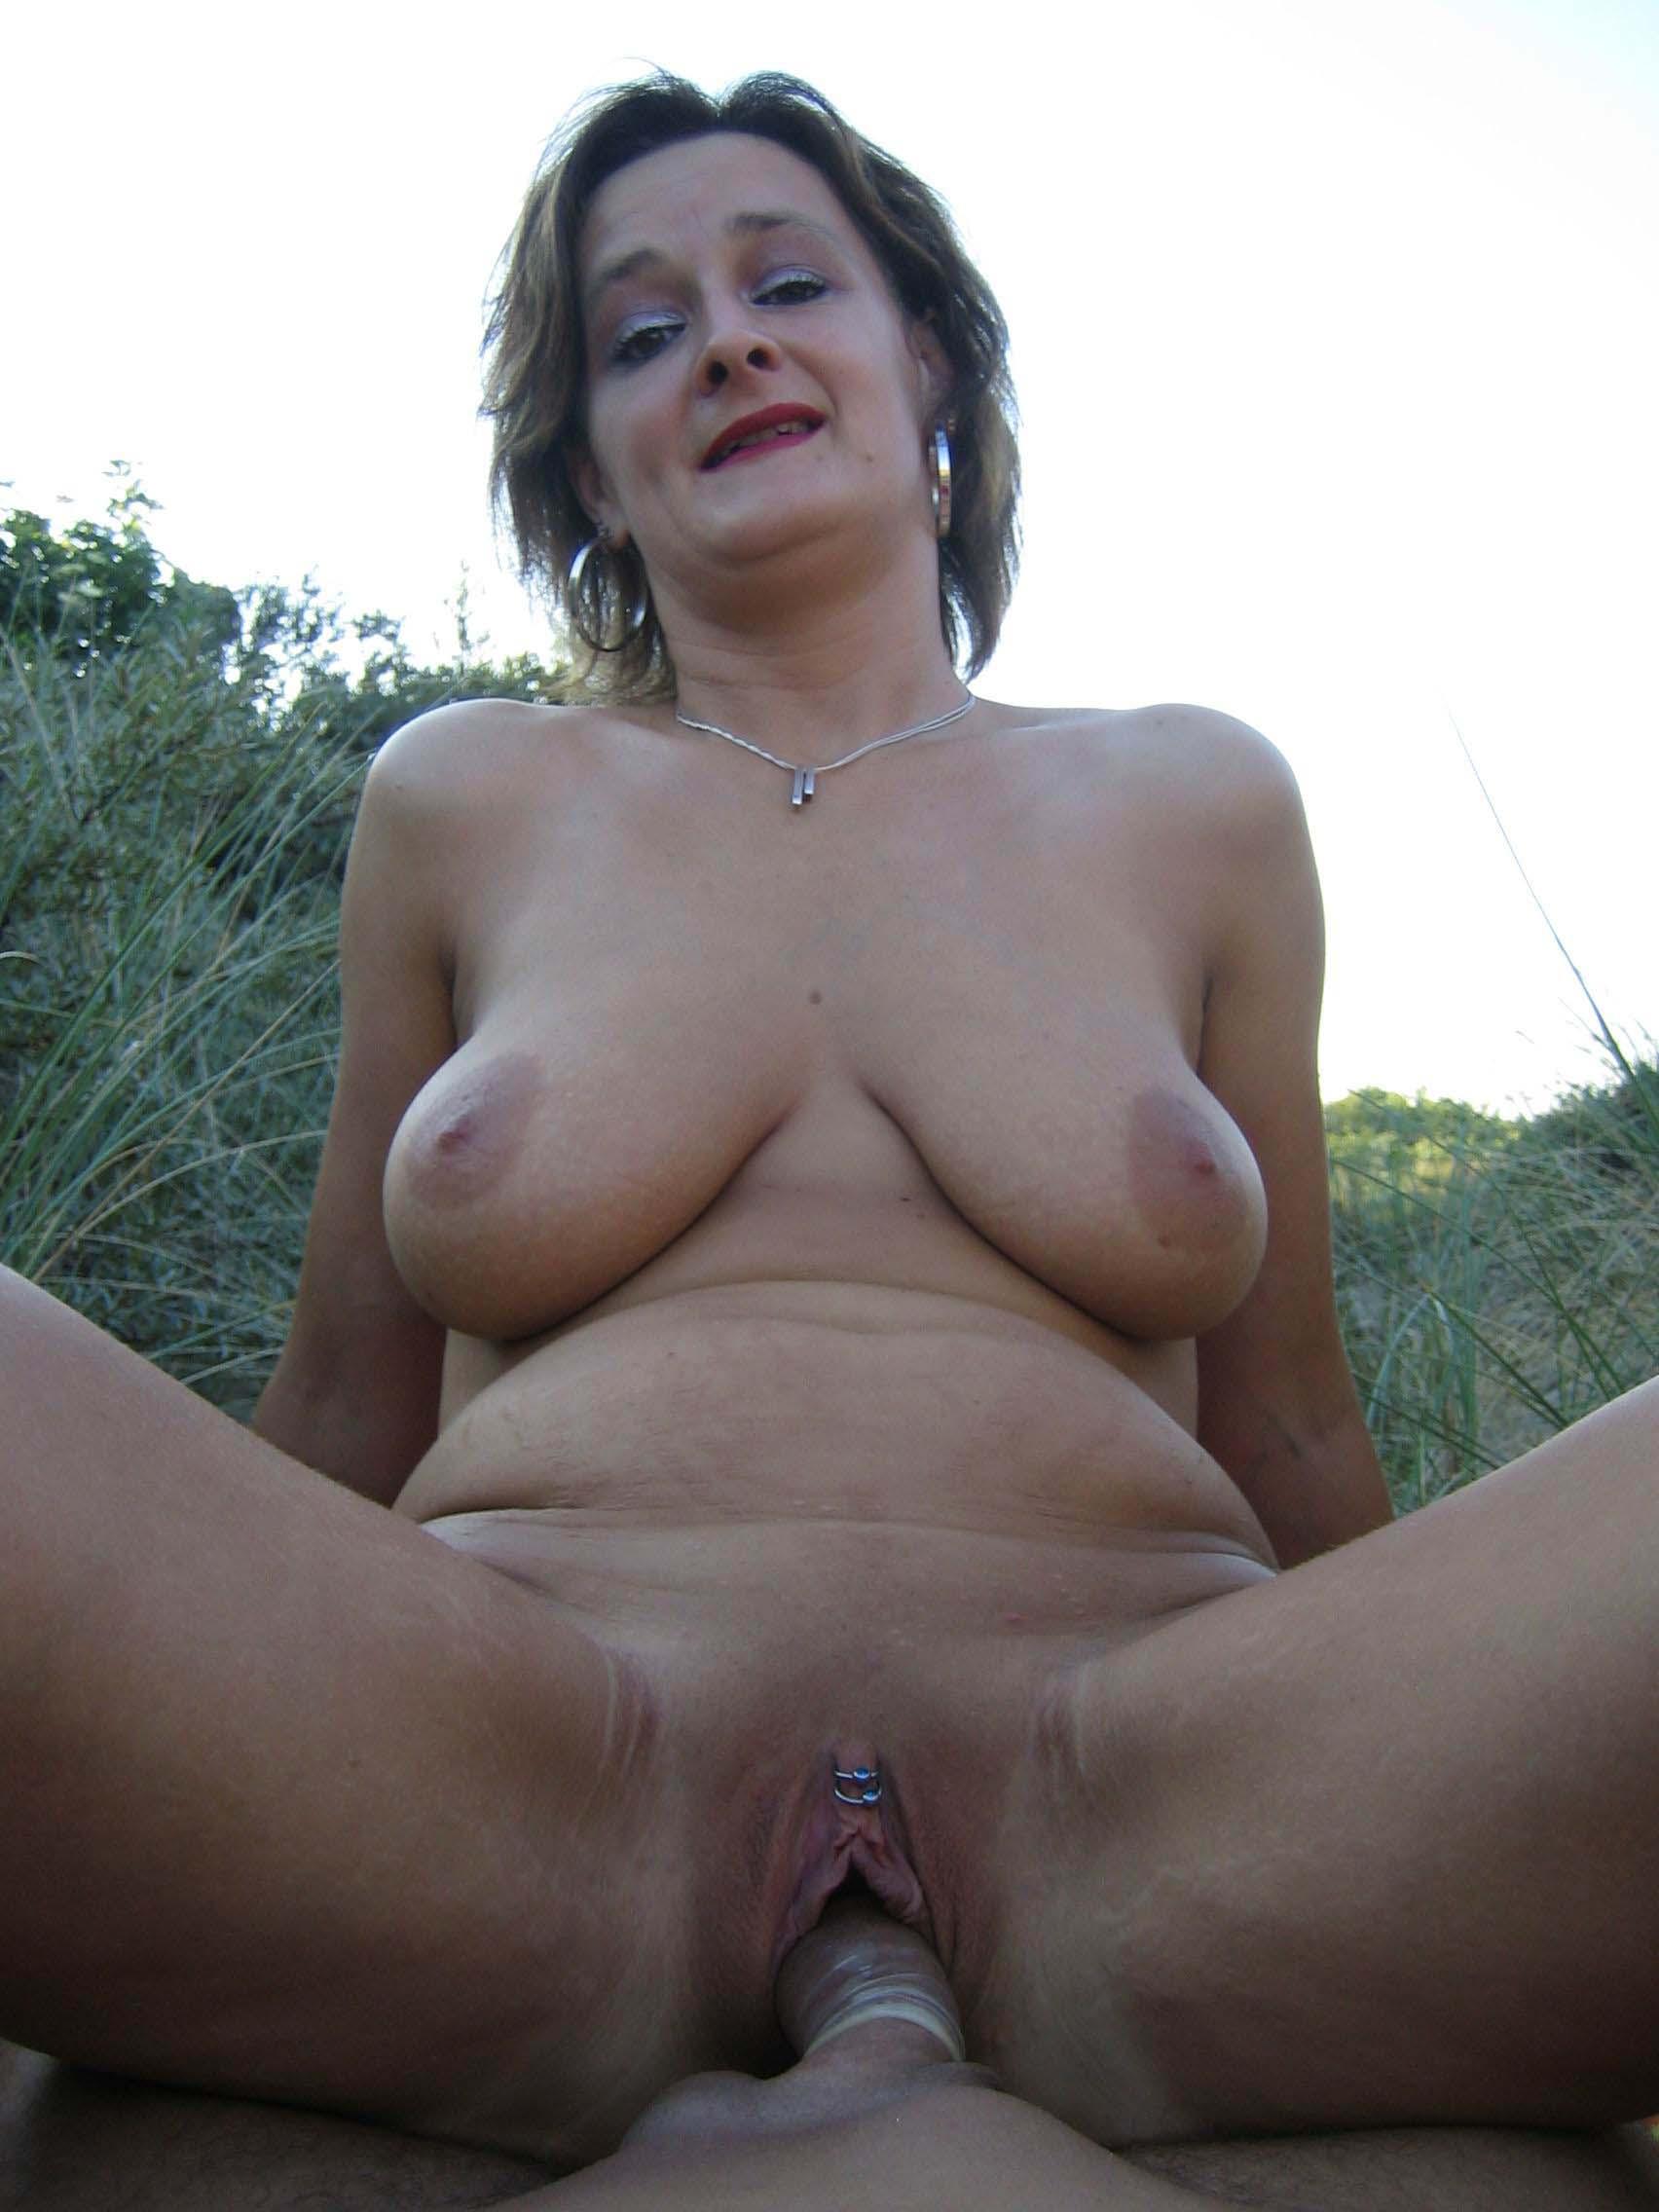 nederland porno video gratis sexdating site